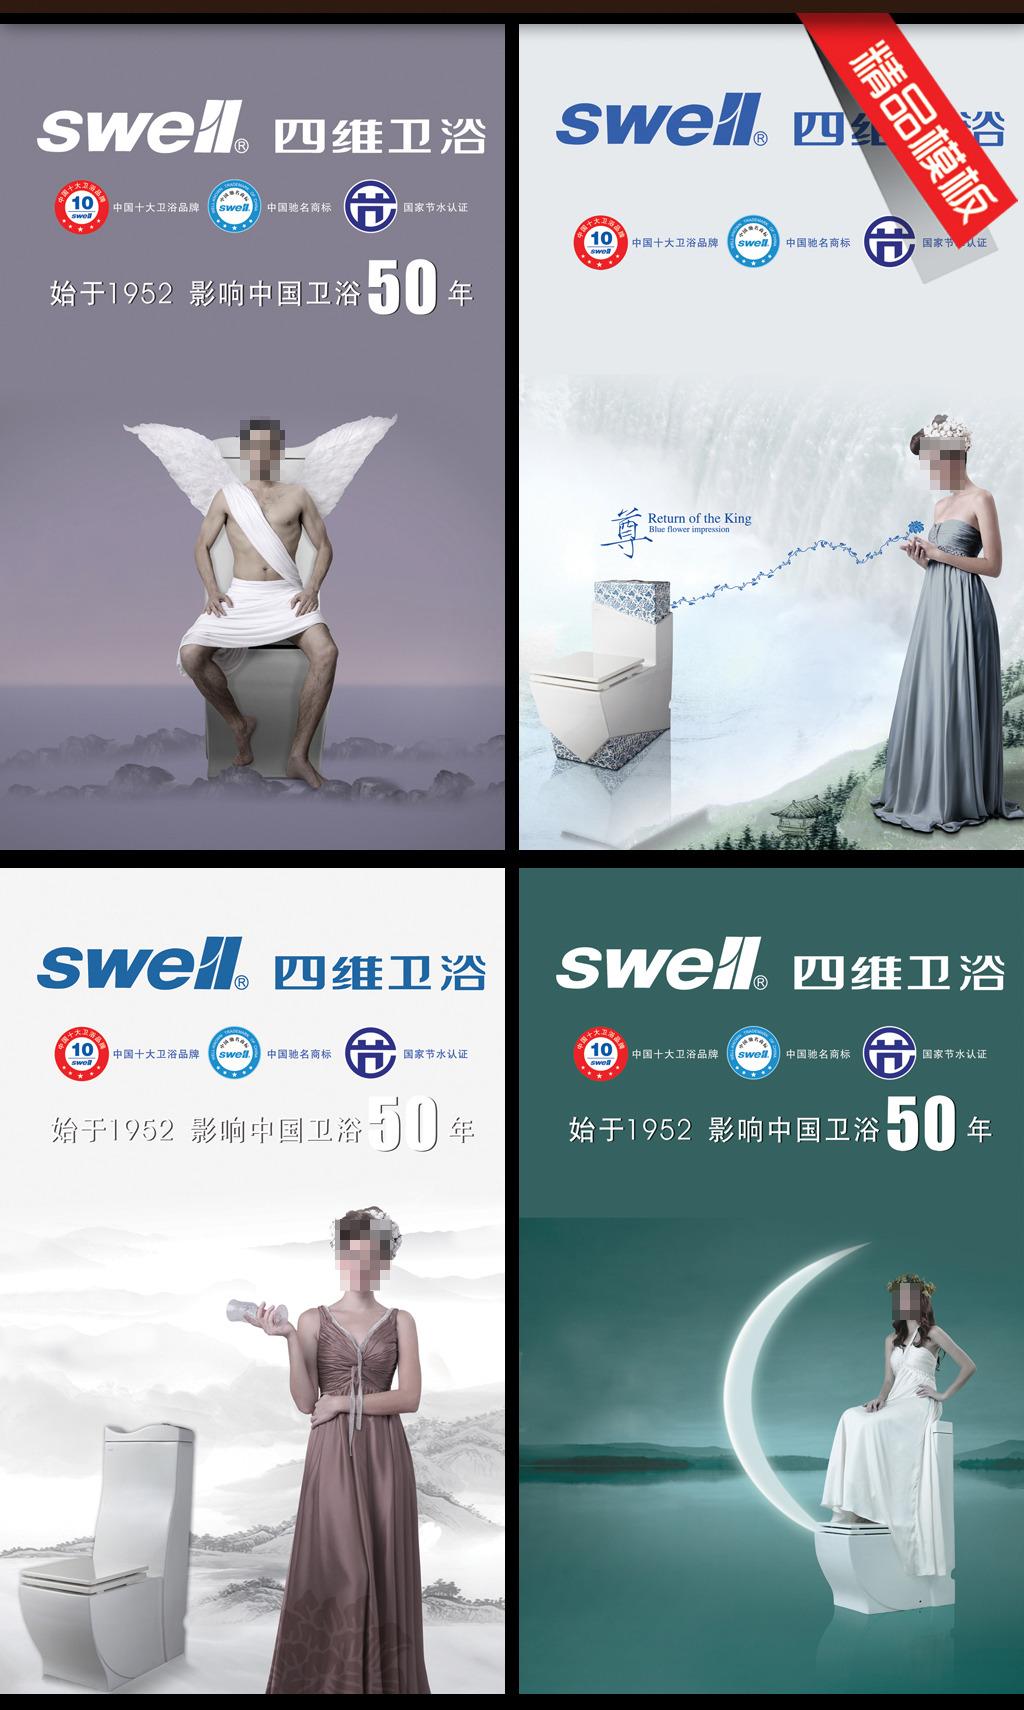 海报素材 海报宣传 海报背景 水龙头 浴池 浴缸 水 商场宣传 商场图片